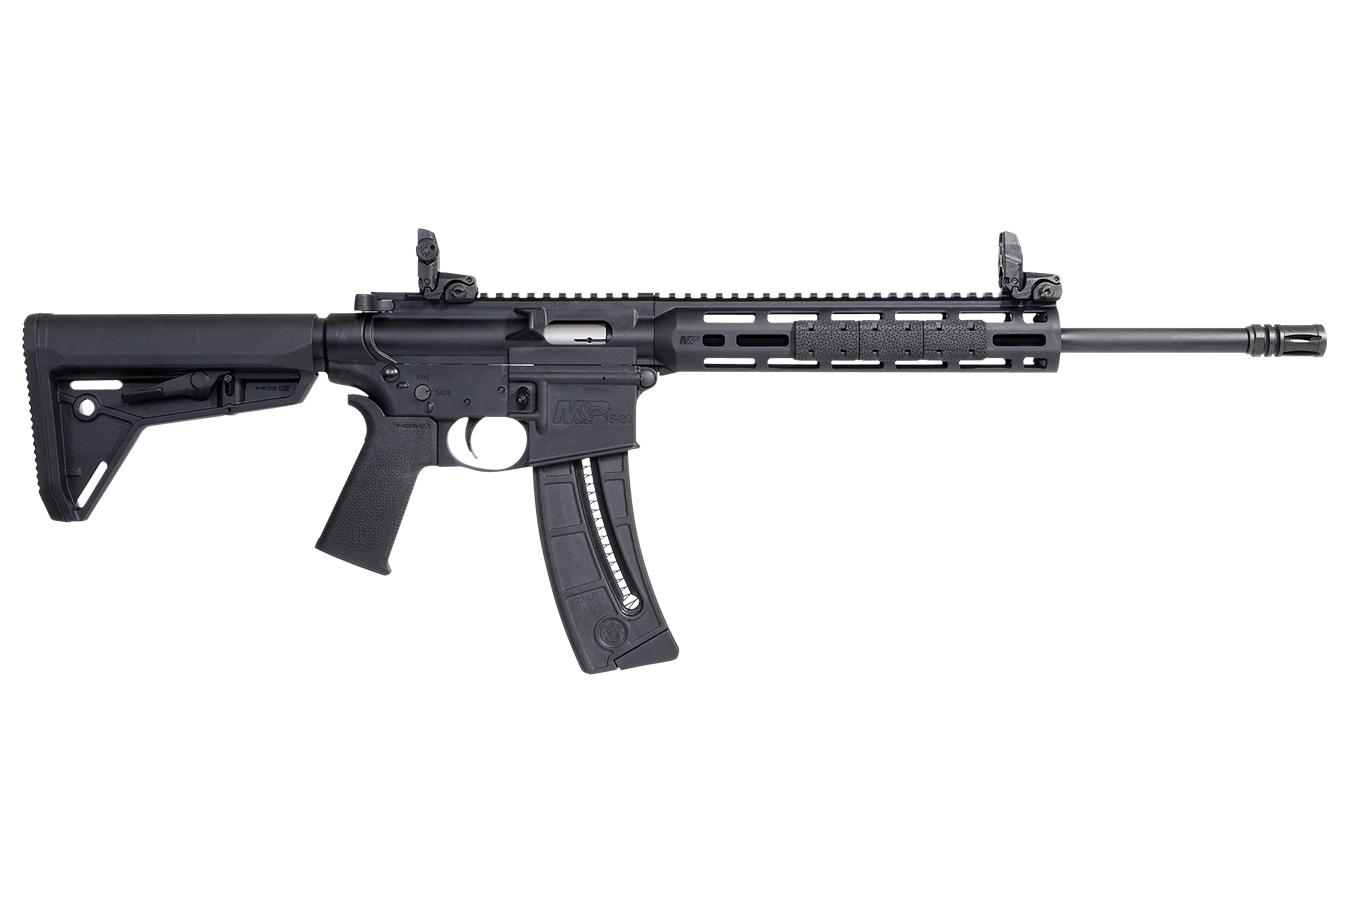 MP15-22 SPORT 22LR RIMFIRE RIFLE (LE)